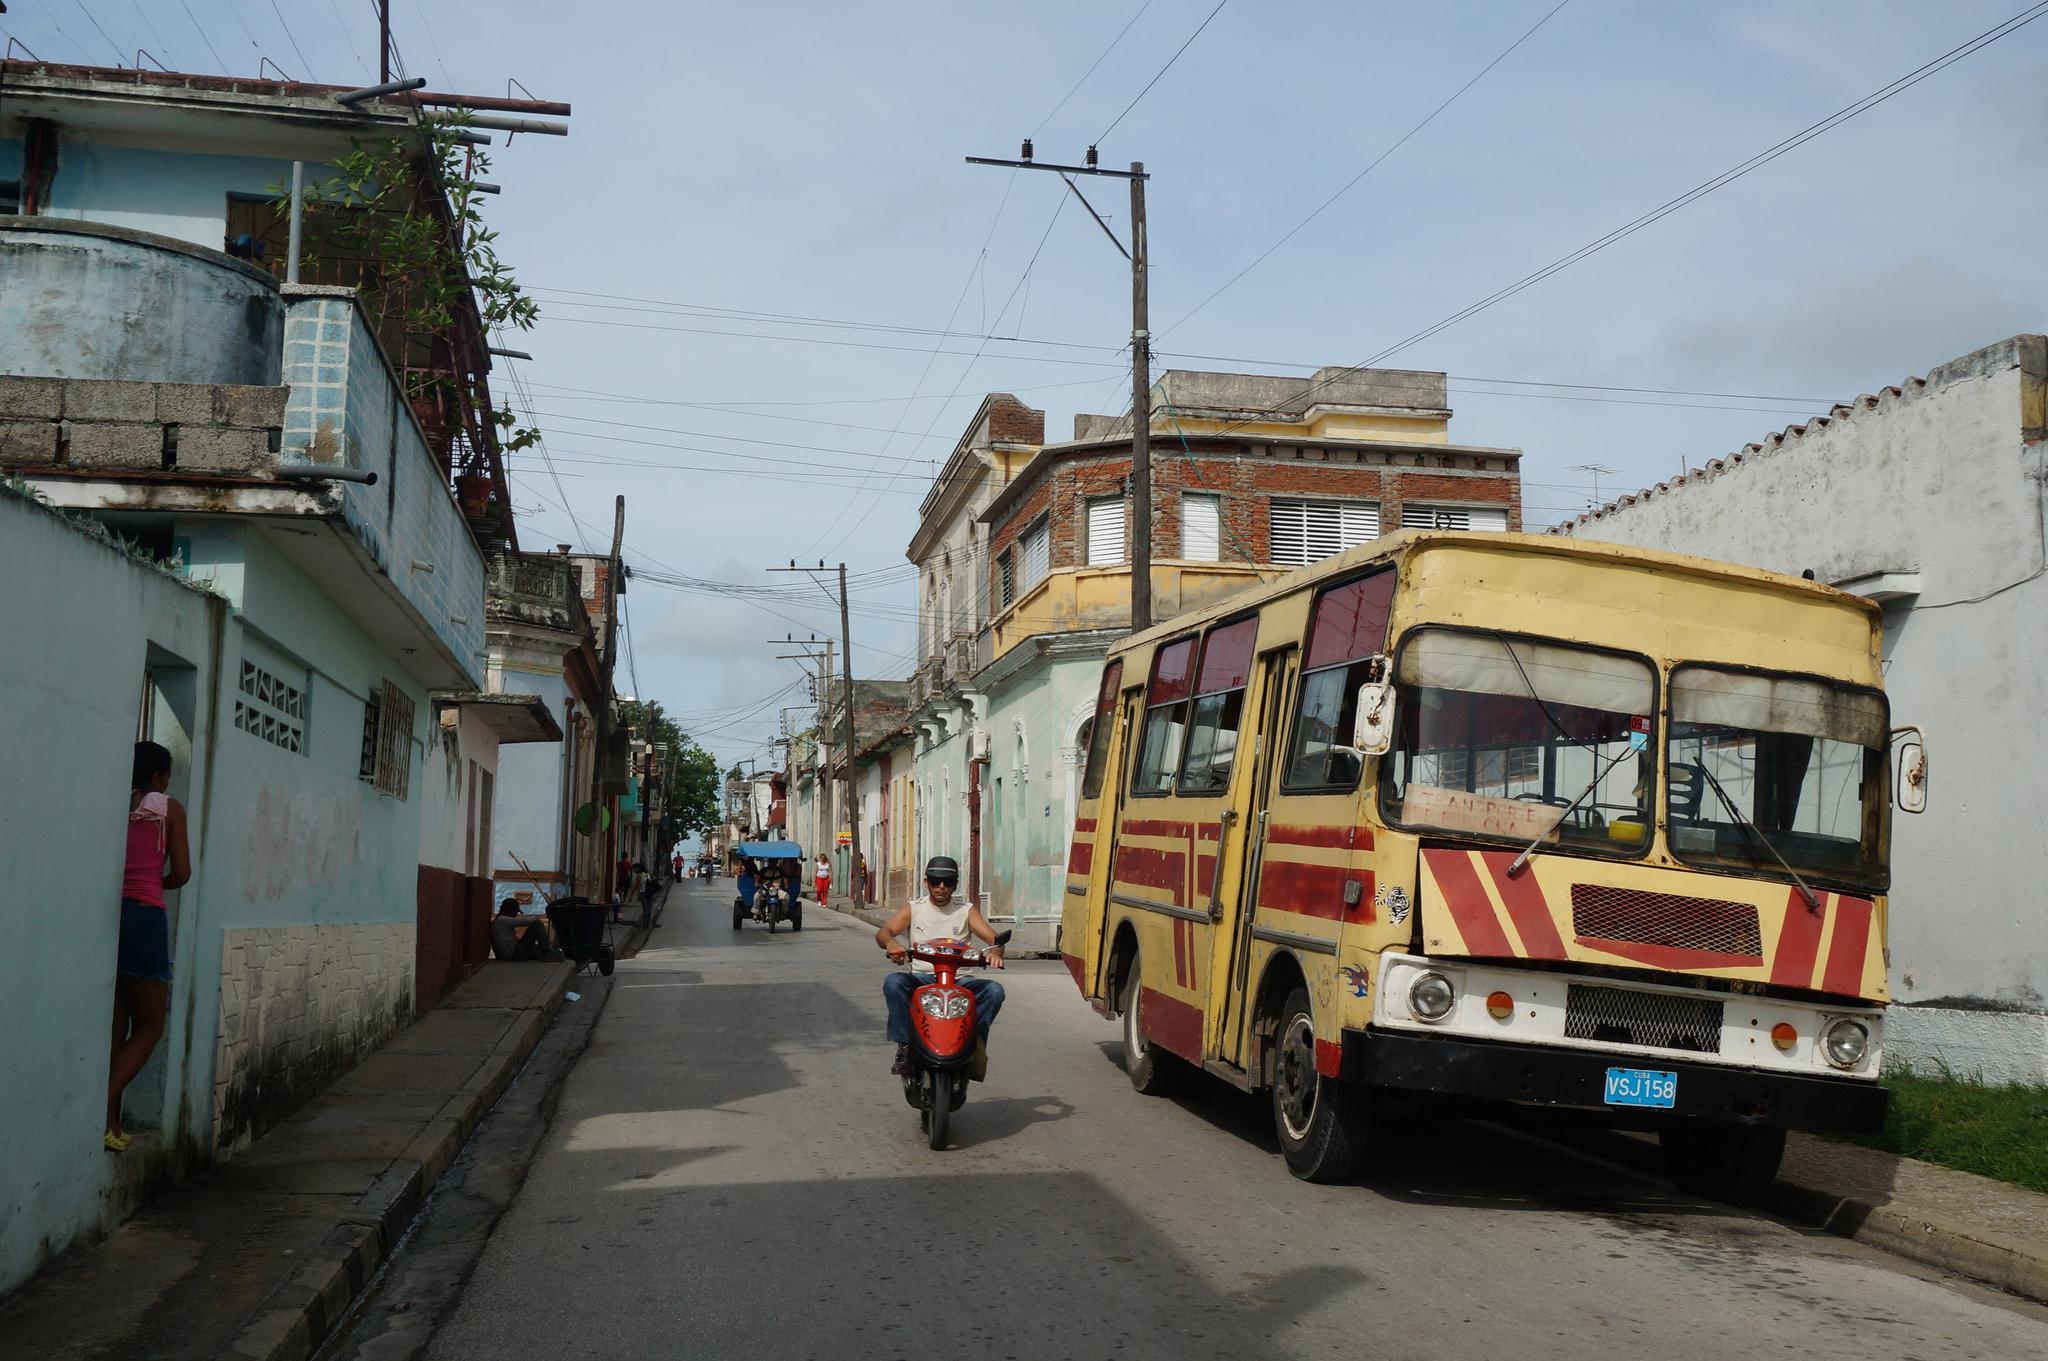 Calles de la ciudad de Santa Clara, Cuba